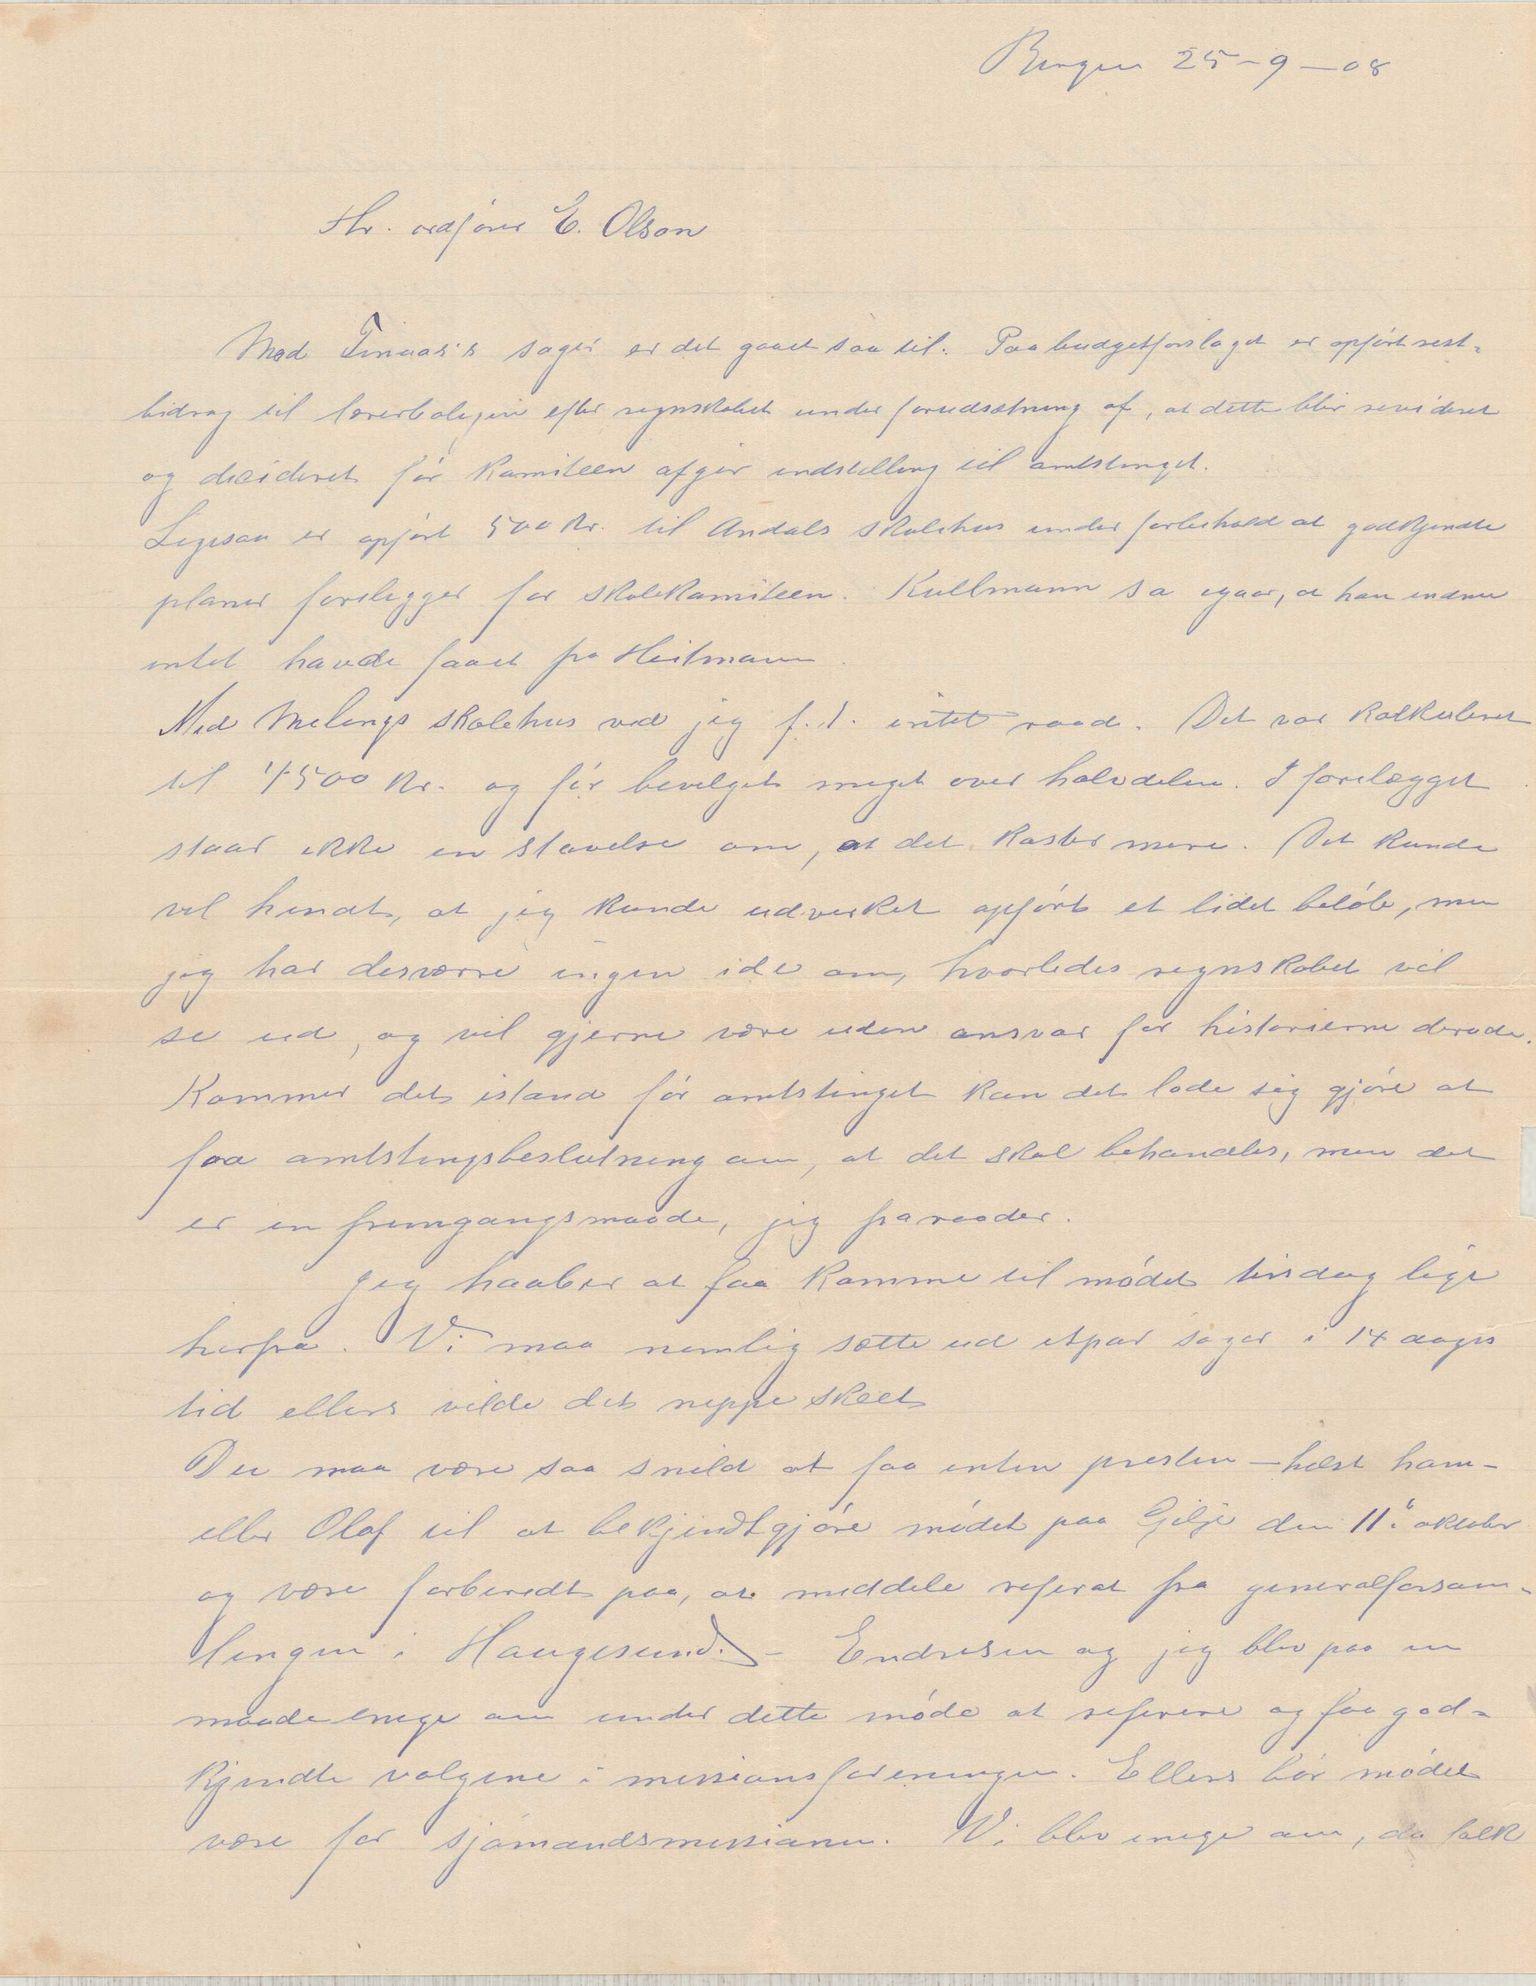 IKAH, Finnaas kommune. Formannskapet, D/Da/L0001: Korrespondanse / saker, 1908-1912, s. 1